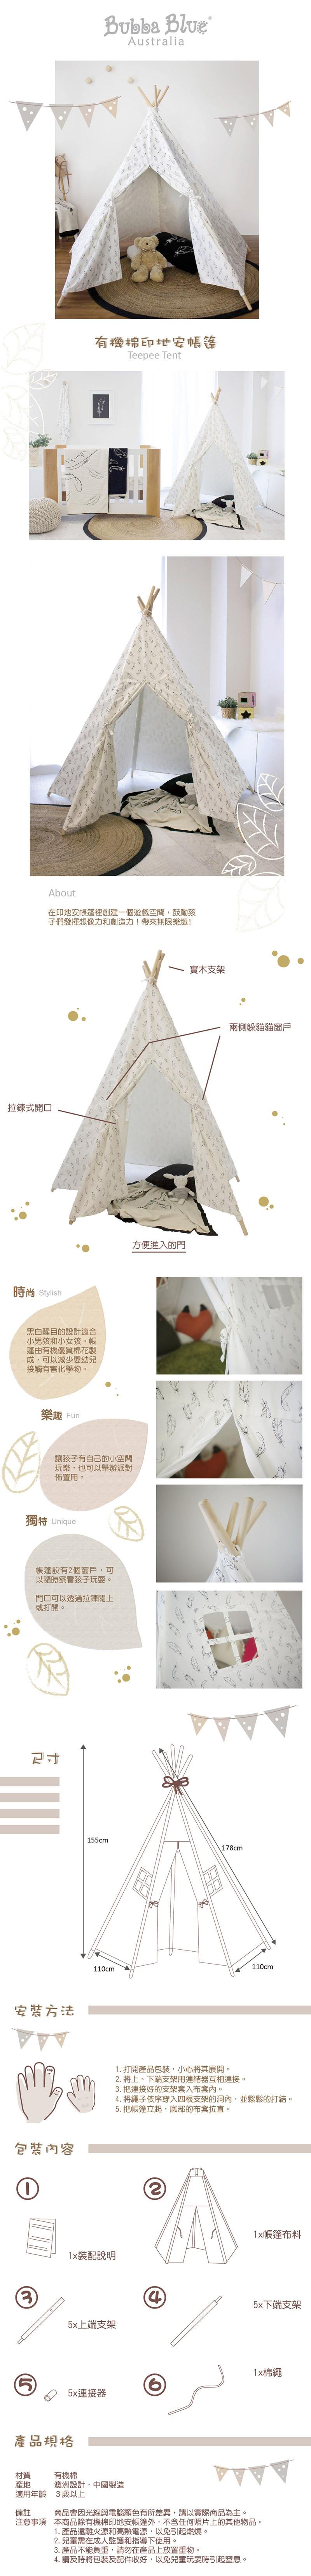 Bubbablue帳篷.小木屋